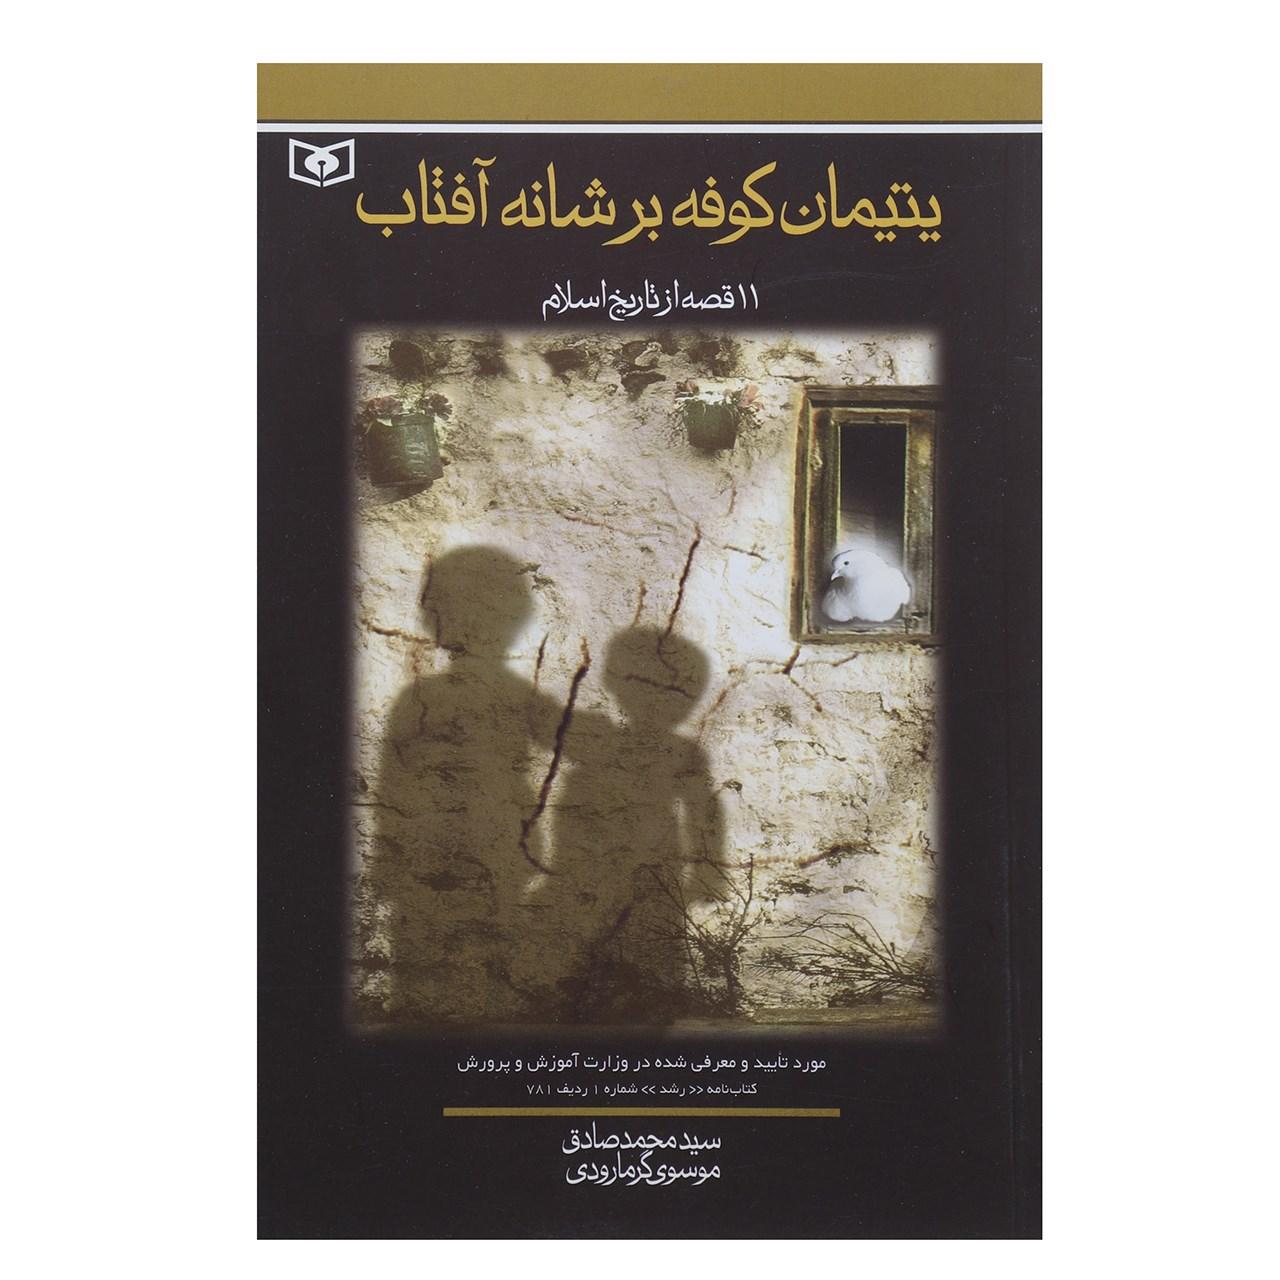 خرید                      کتاب یتیمان کوفه بر شانه آفتاب اثر محمدصادق موسوی گرمارودی